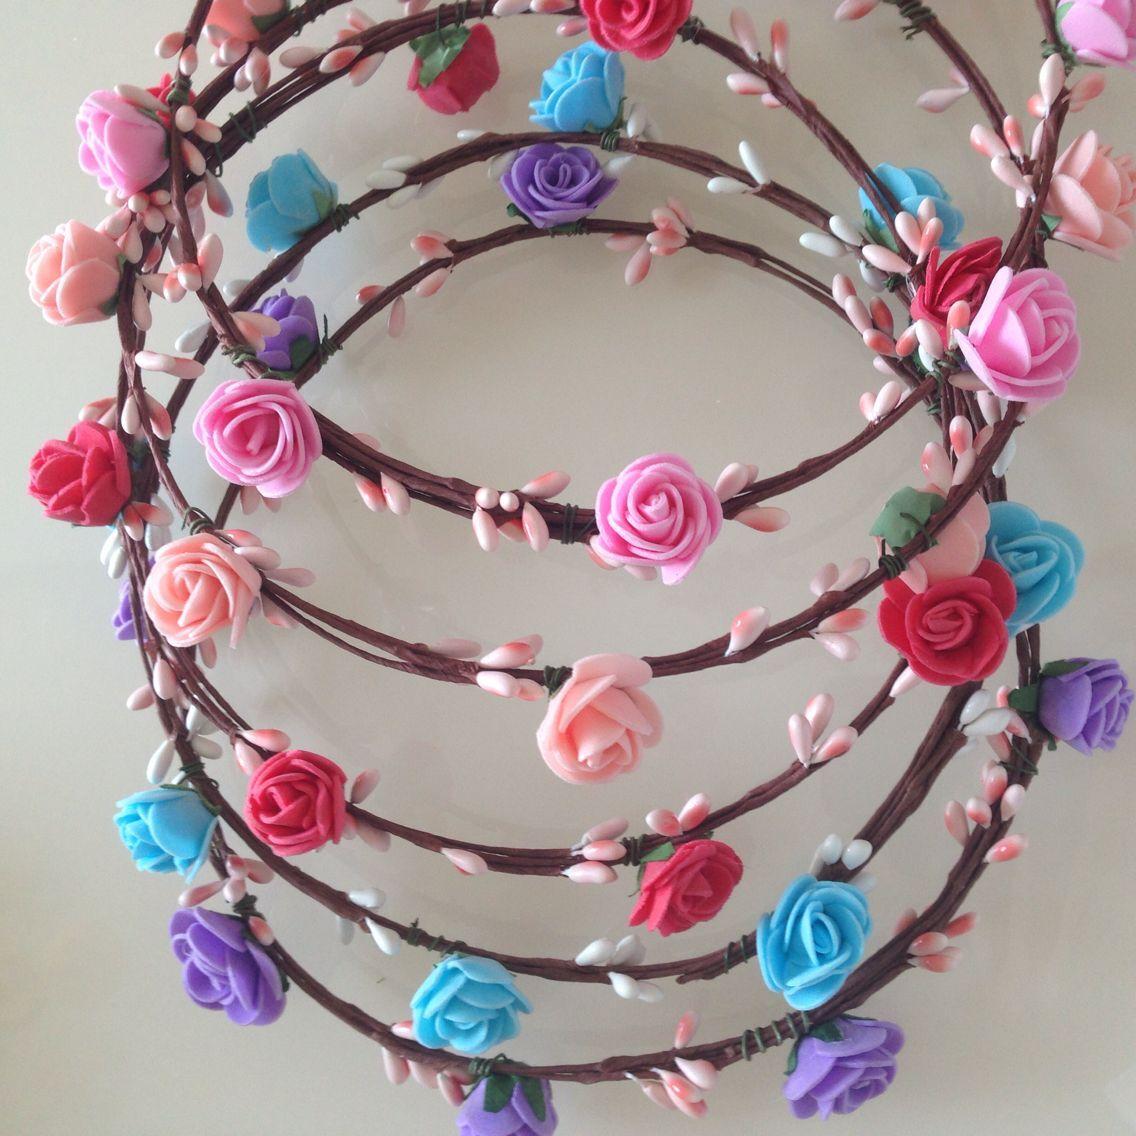 6ab82bac2cbb9d 2016 Mode Coréenne Style De Mariée Couronne W Mousse Roses Mariée Ornement  Artificielle Fleurs Cheveux Guirlande Pour Mariages Bandeau